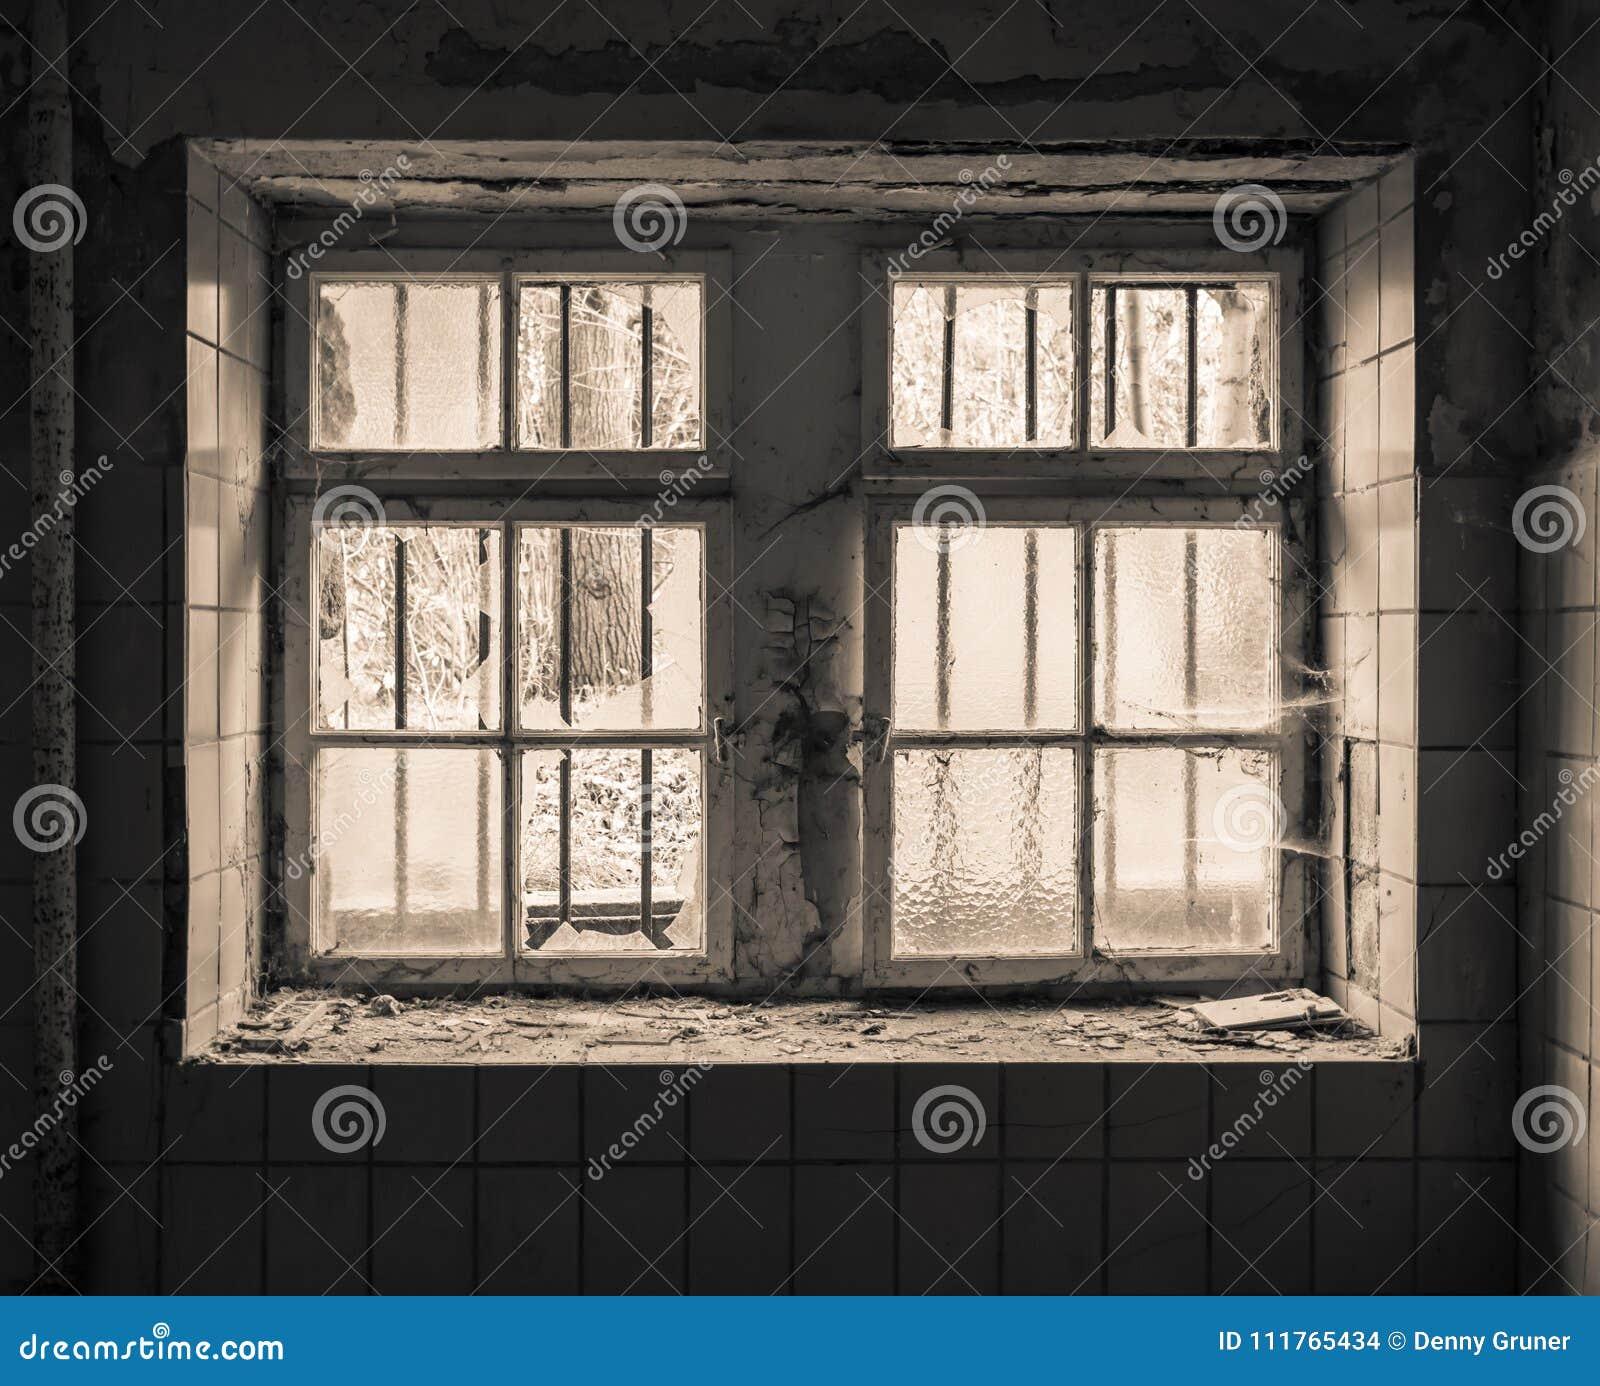 Sehr Altes Fenster mit Gitter stockfoto. Bild von rostig - 111765434 XT08